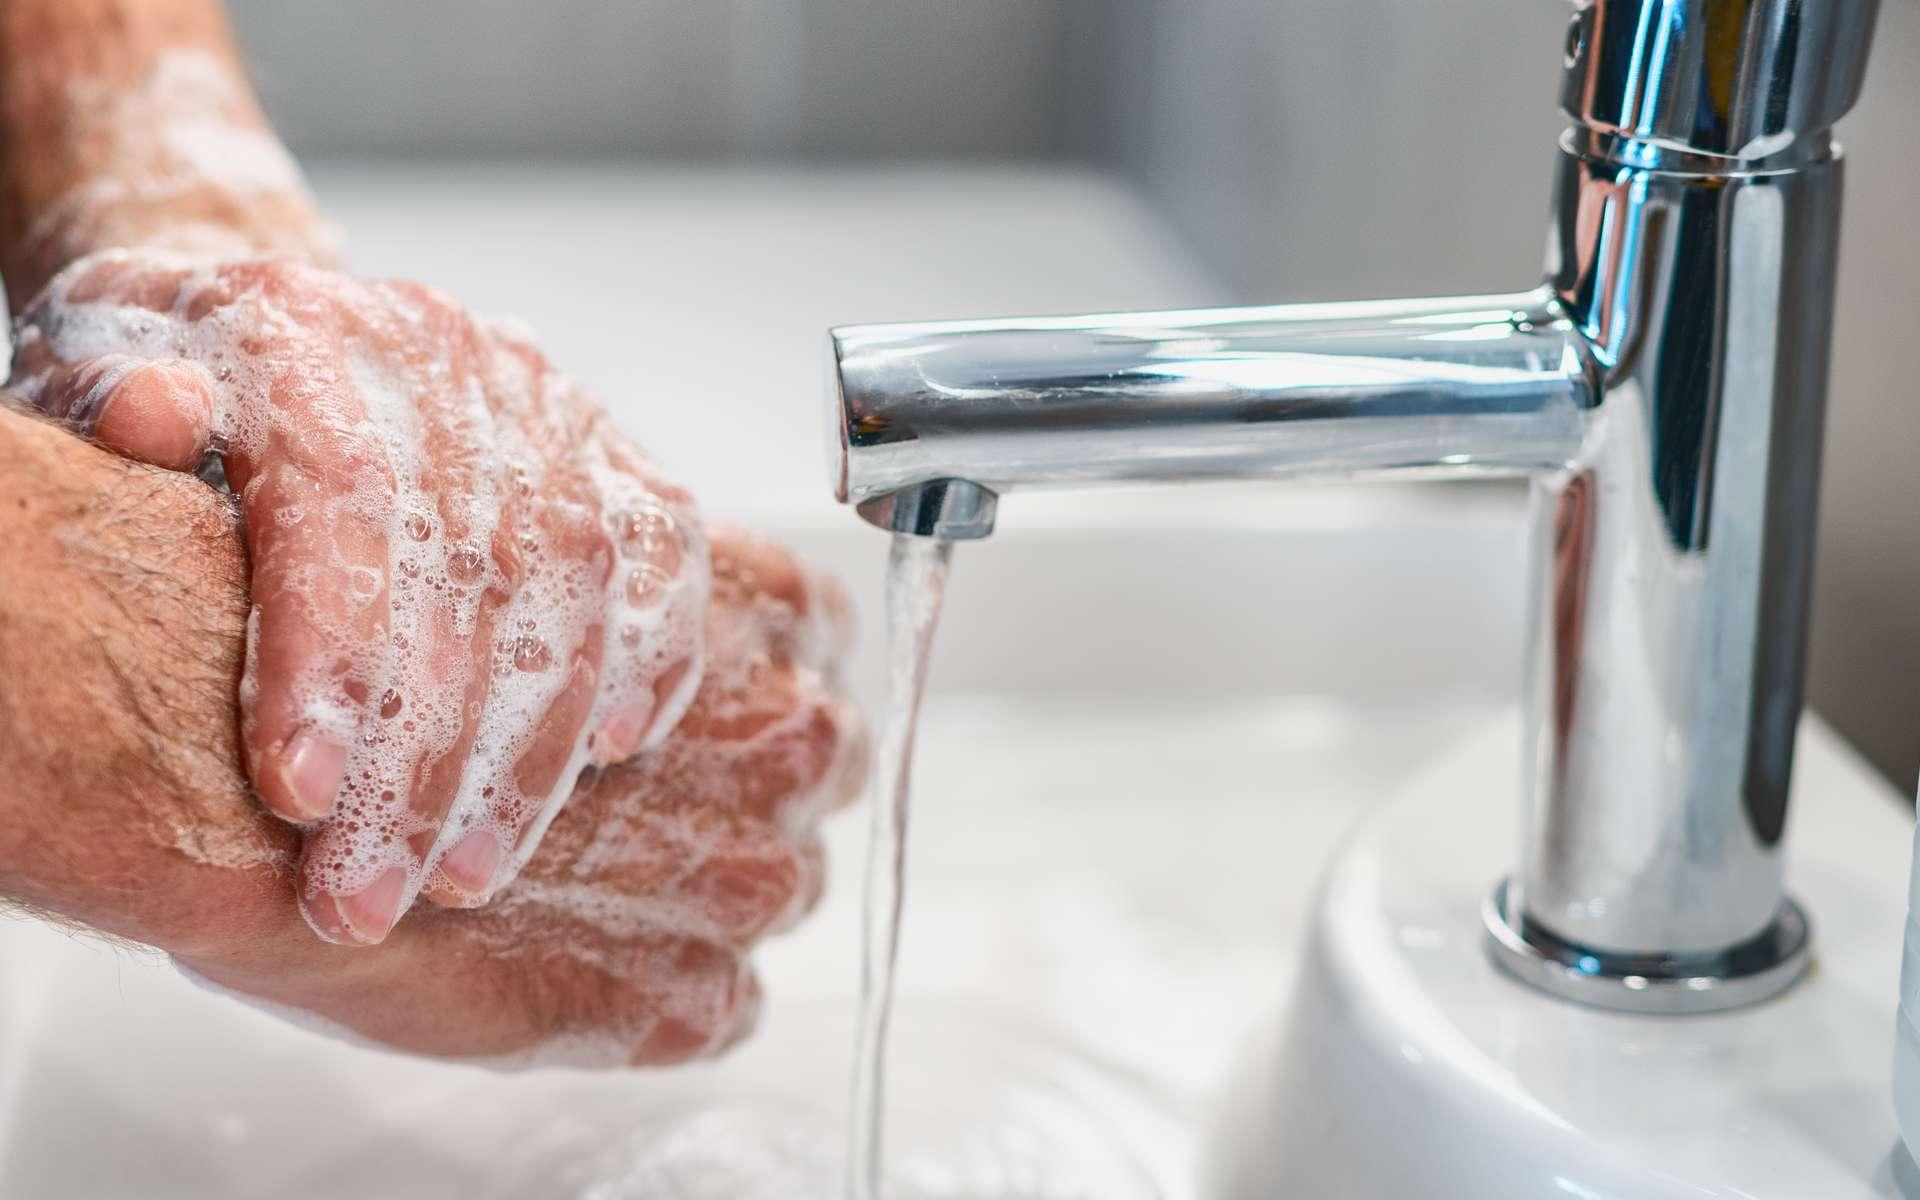 Outre le port d'un masque, le lavage des mains est essentiel pour se protéger et protéger les autres du coronavirus. © Maridav, Adobe Stock